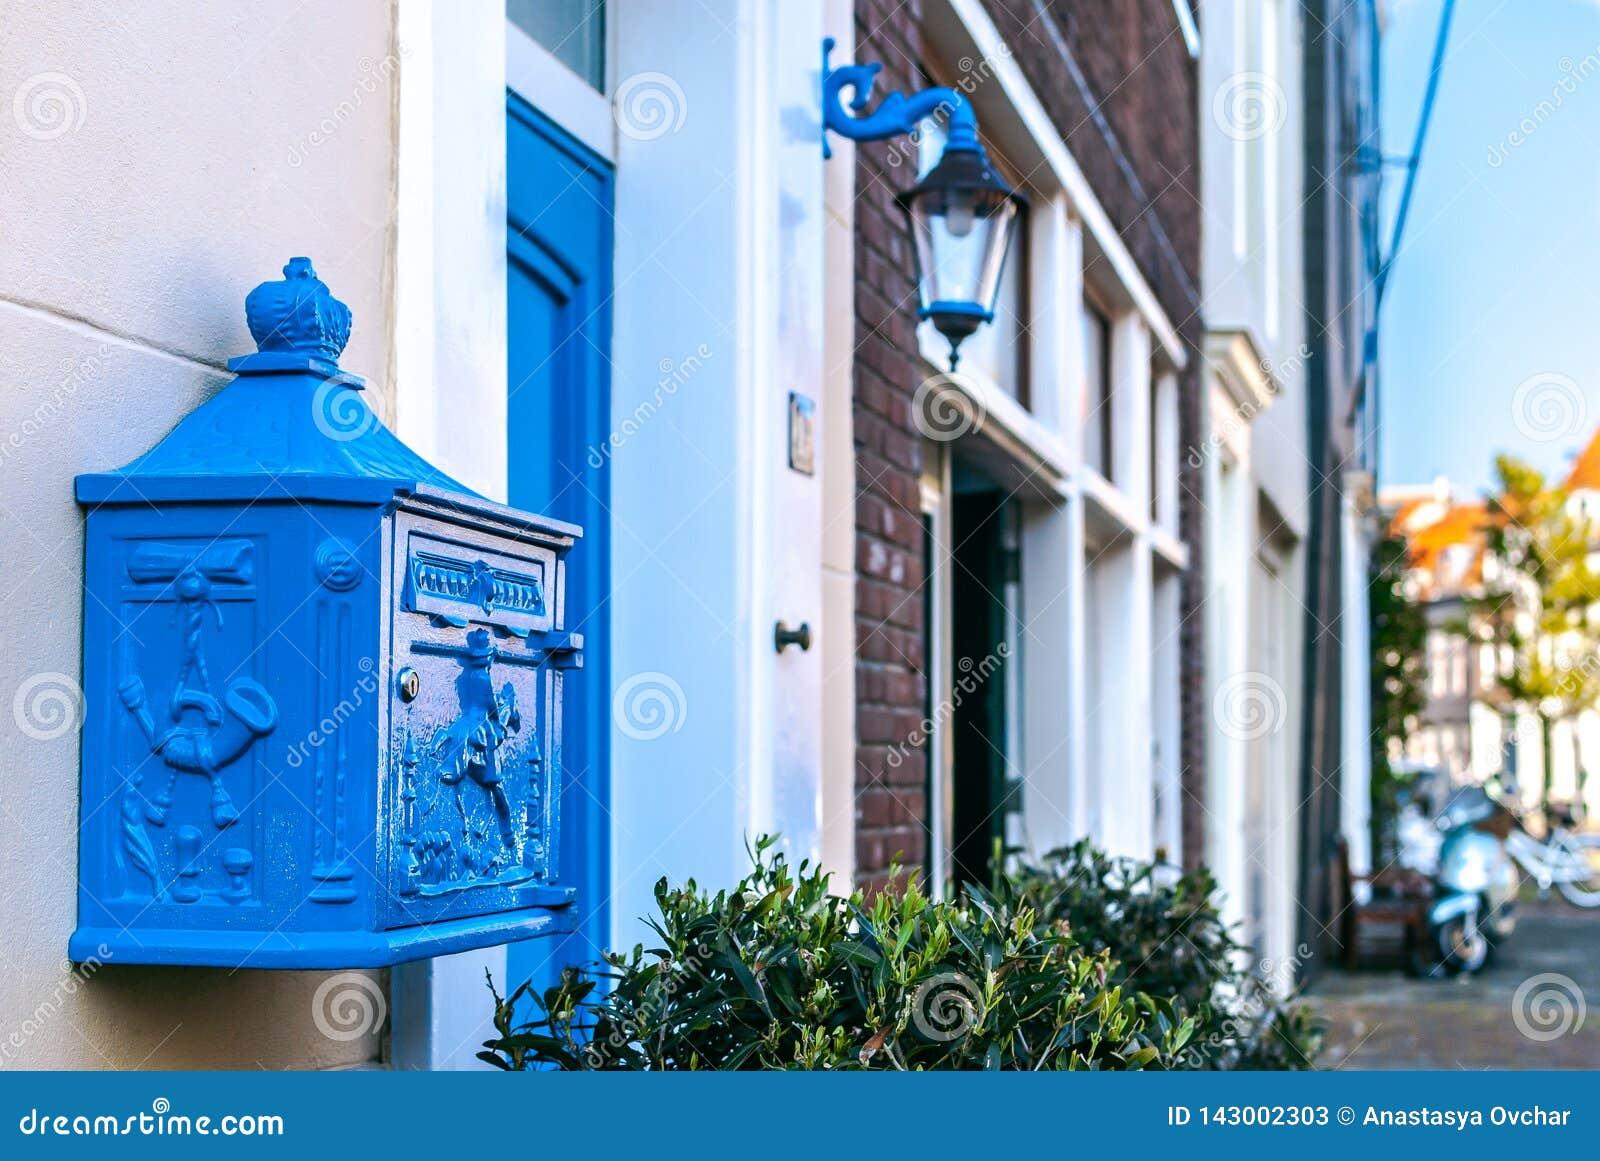 Un primo piano di bella cassetta delle lettere olandese blu profonda decorata con un bassorilievo con una vista della via ai prec